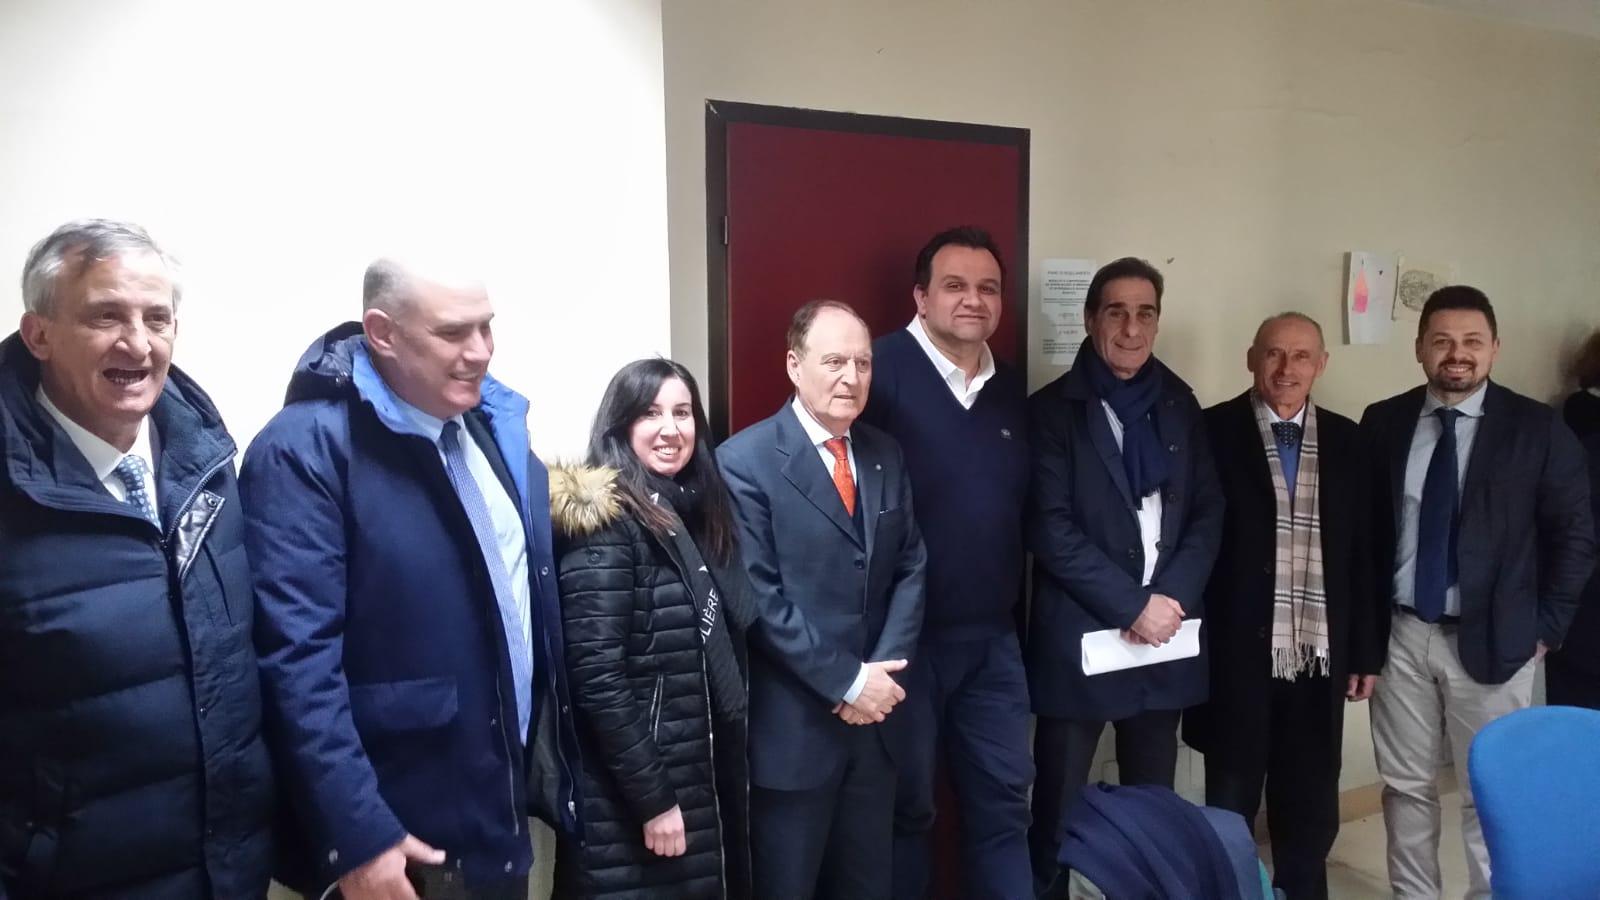 Aiuti alle imprese, a Napoli l'incontro tra i sindaci e Schilardi